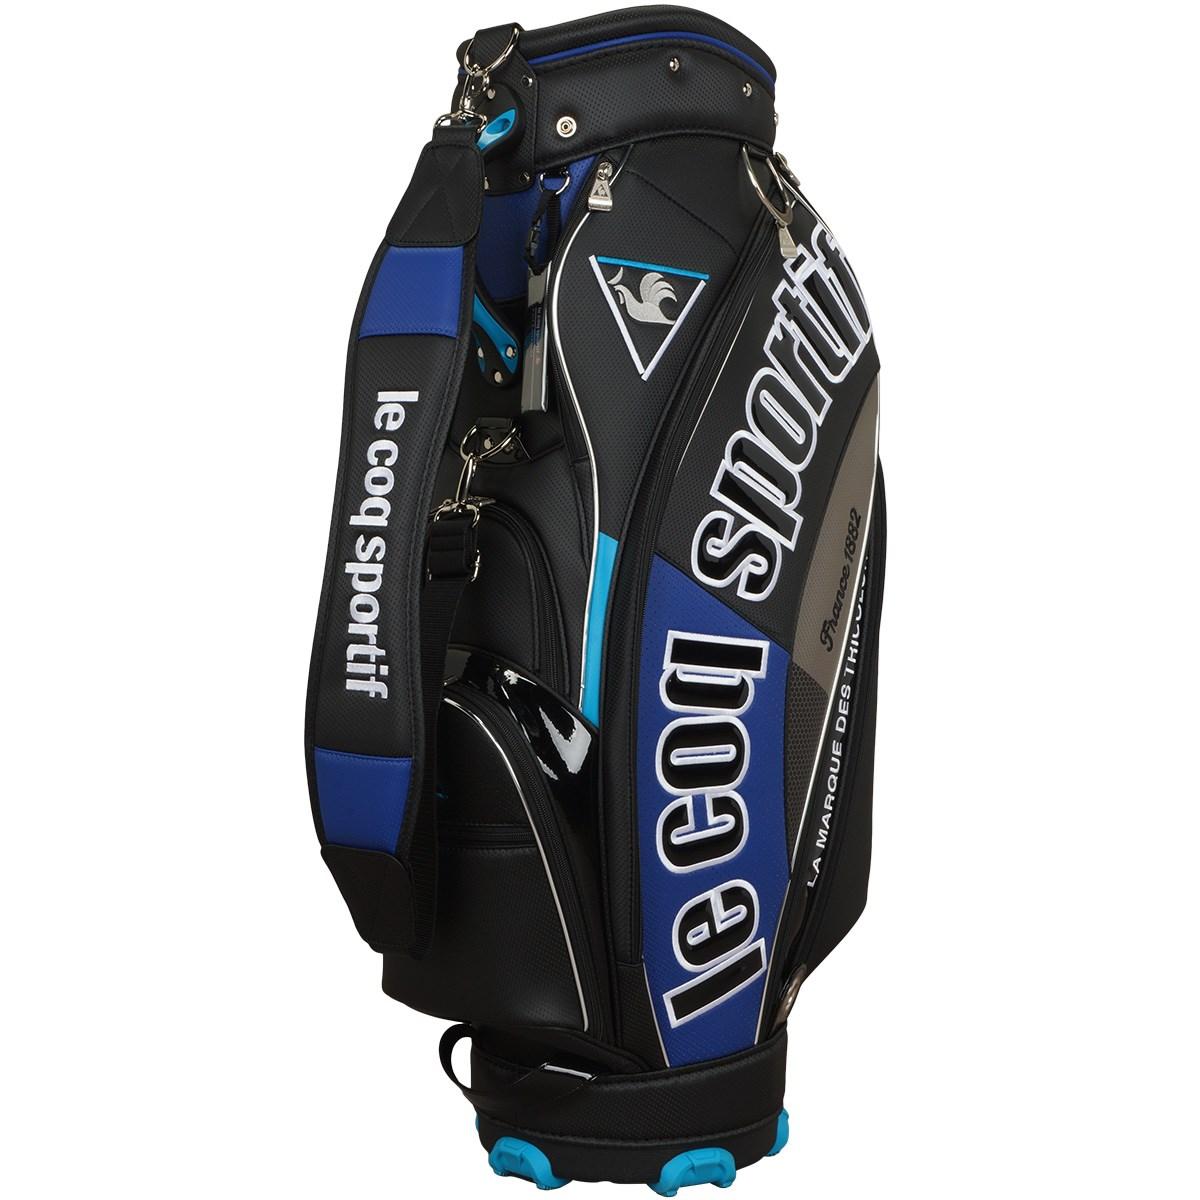 ルコックゴルフ Le coq sportif GOLF キャディバッグ ブラック/ブルー